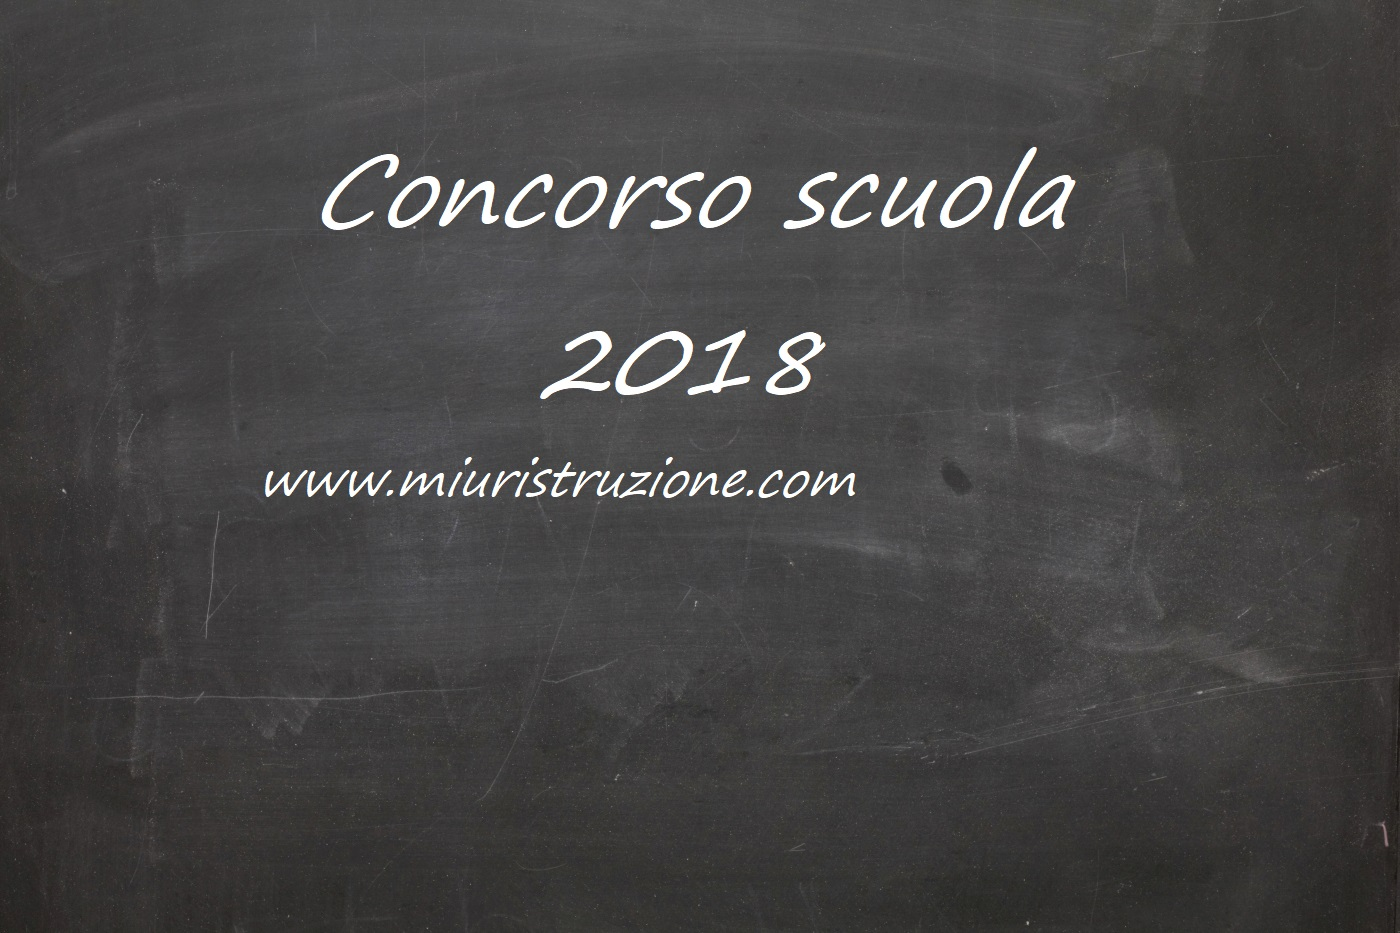 Concorso scuola 2018: cosa studiare livello b2